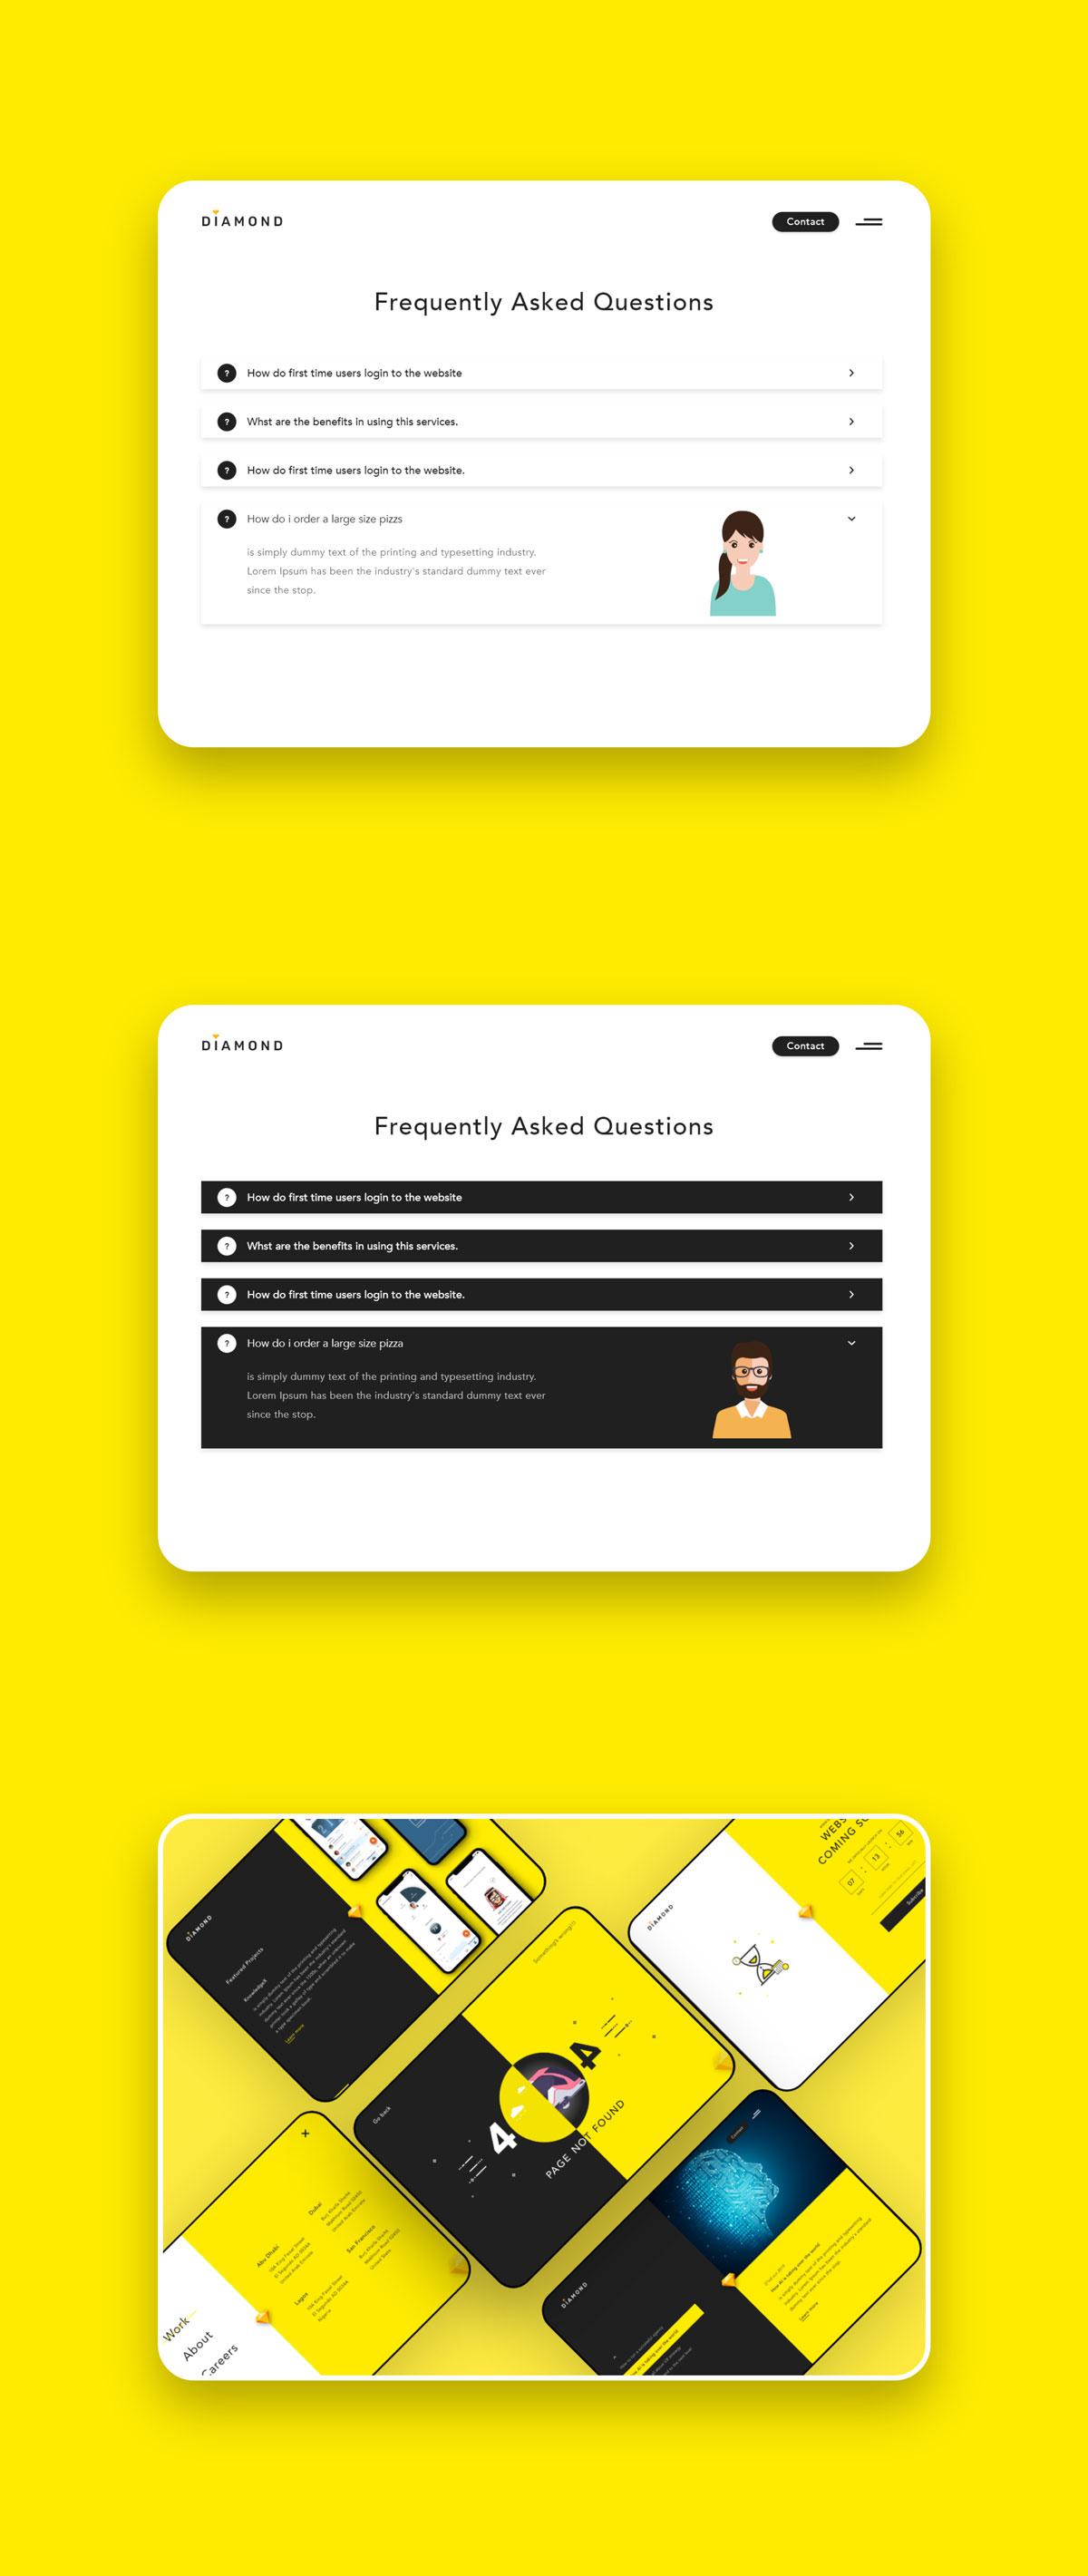 创意简洁公司网站WEB UI界面设计模板套件 Diamond UI Web Template插图(9)